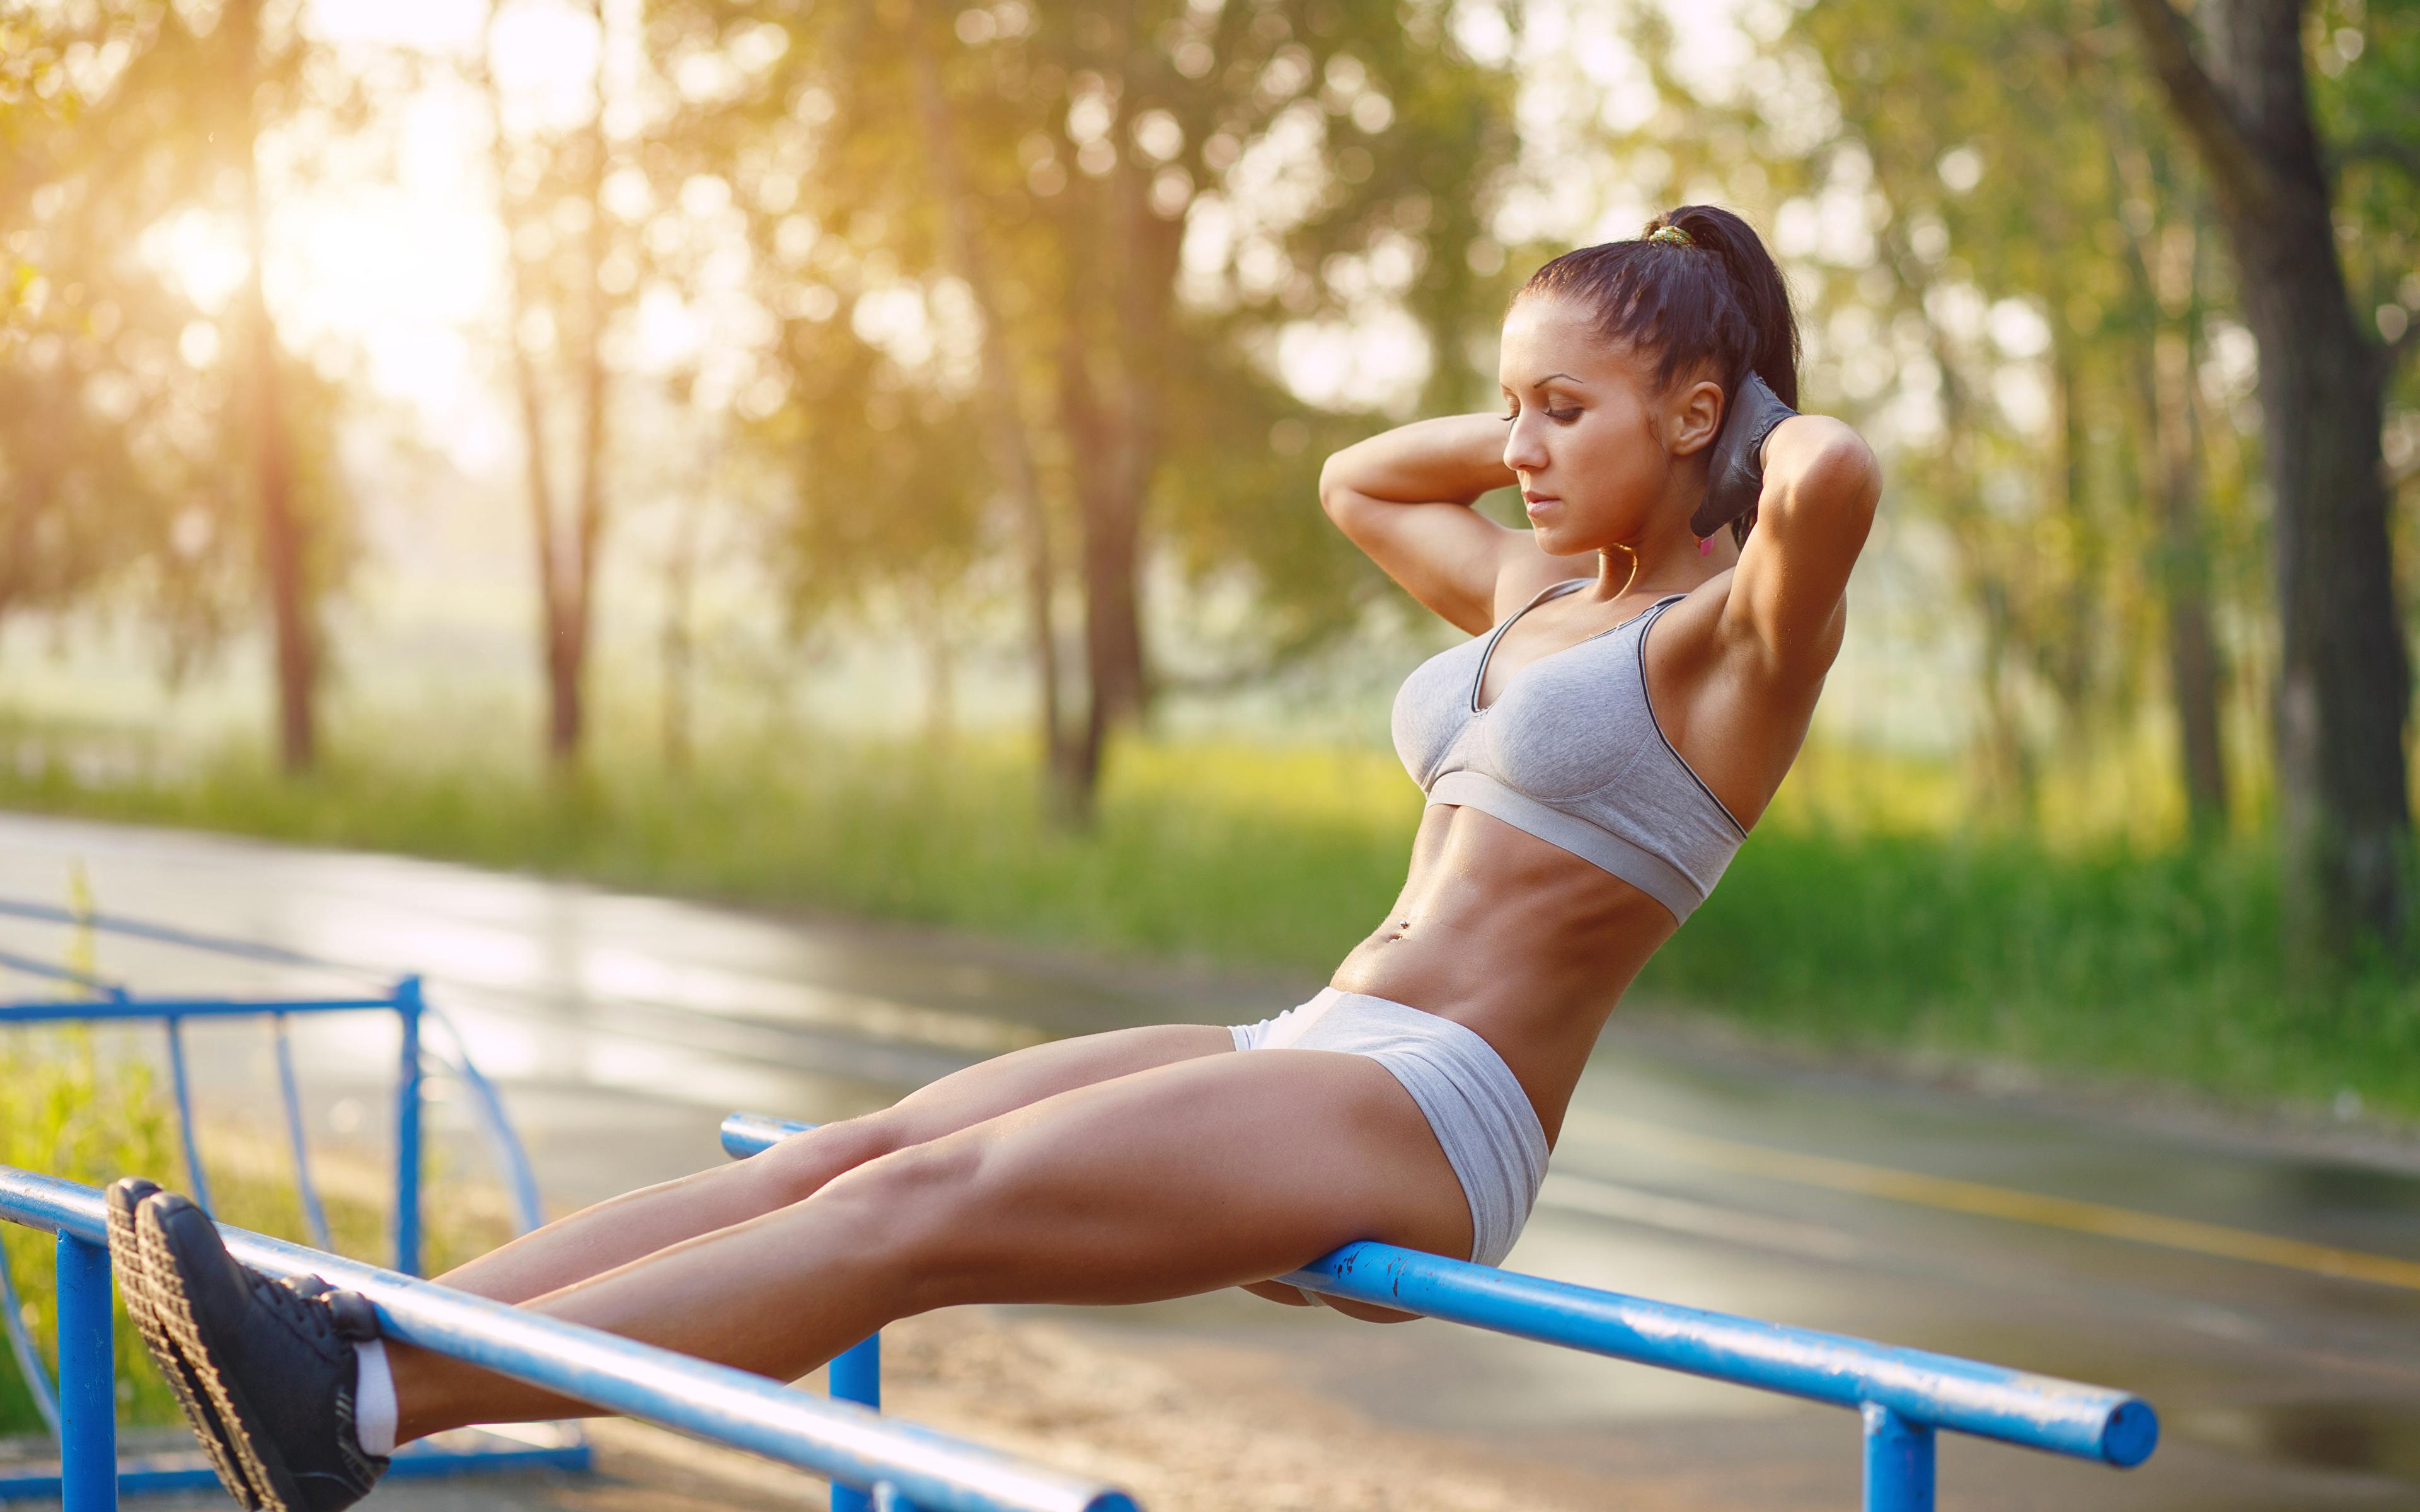 Desktop Hintergrundbilder Körperliche Aktivität Bokeh Fitness Sport Mädchens Bein Hand 3840x2400 Trainieren unscharfer Hintergrund junge frau sportliches junge Frauen